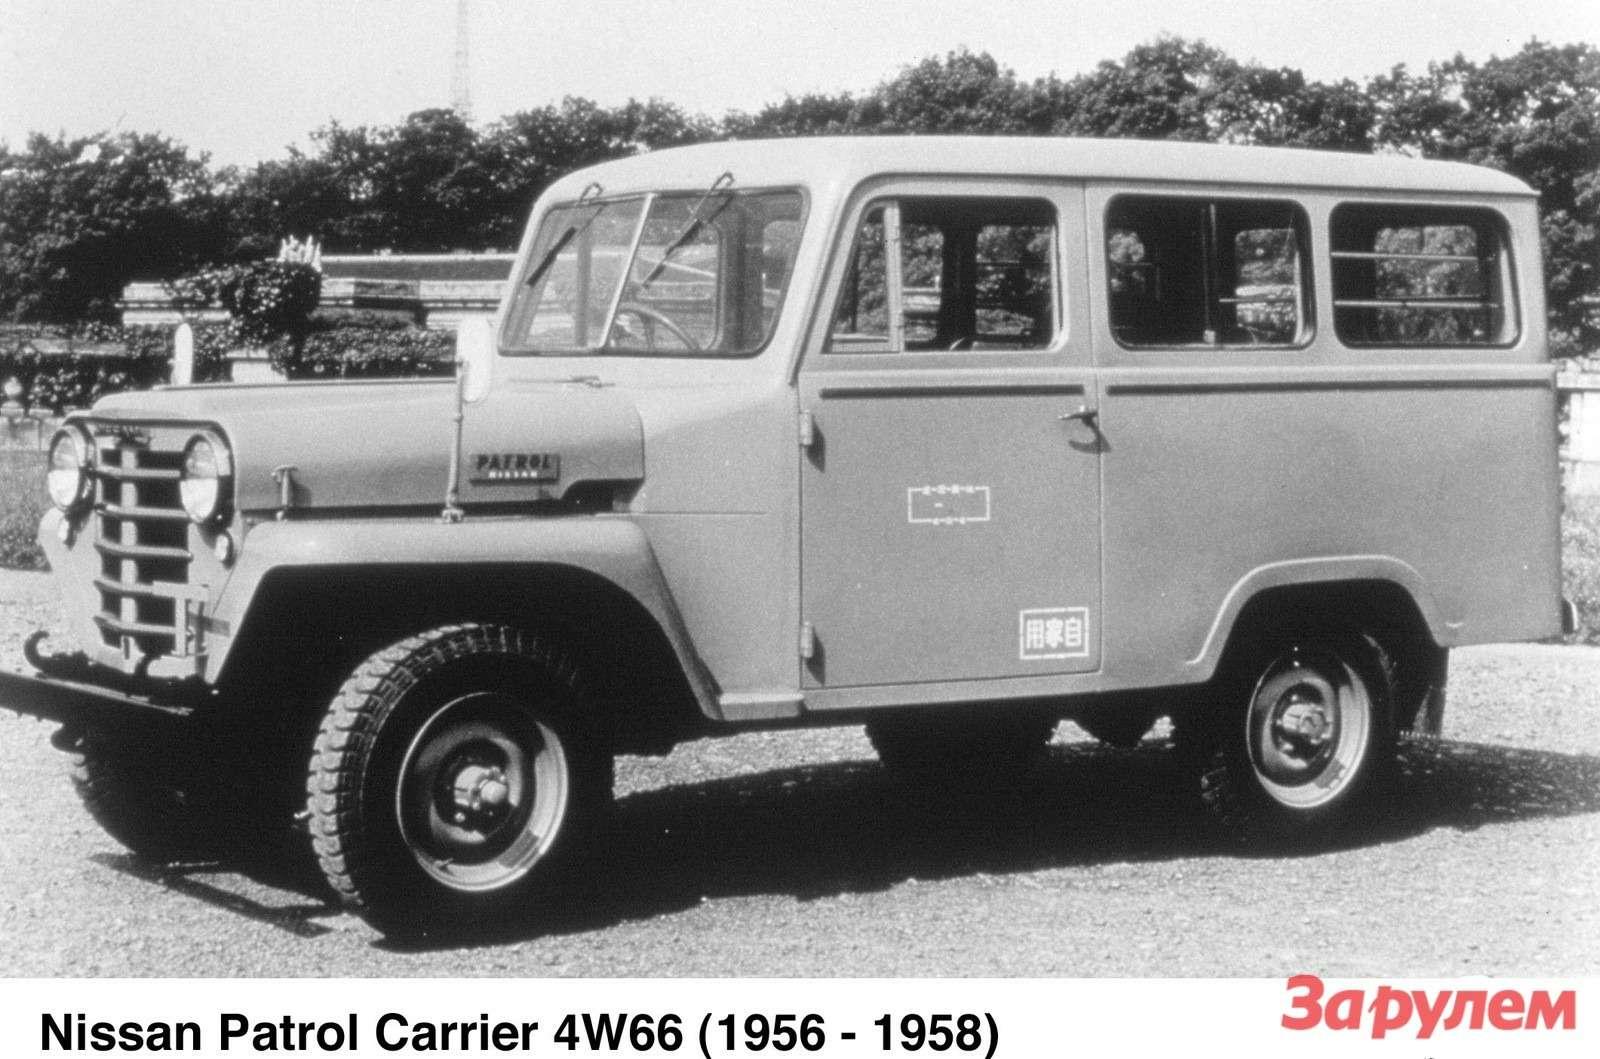 2— 1956 Patrol